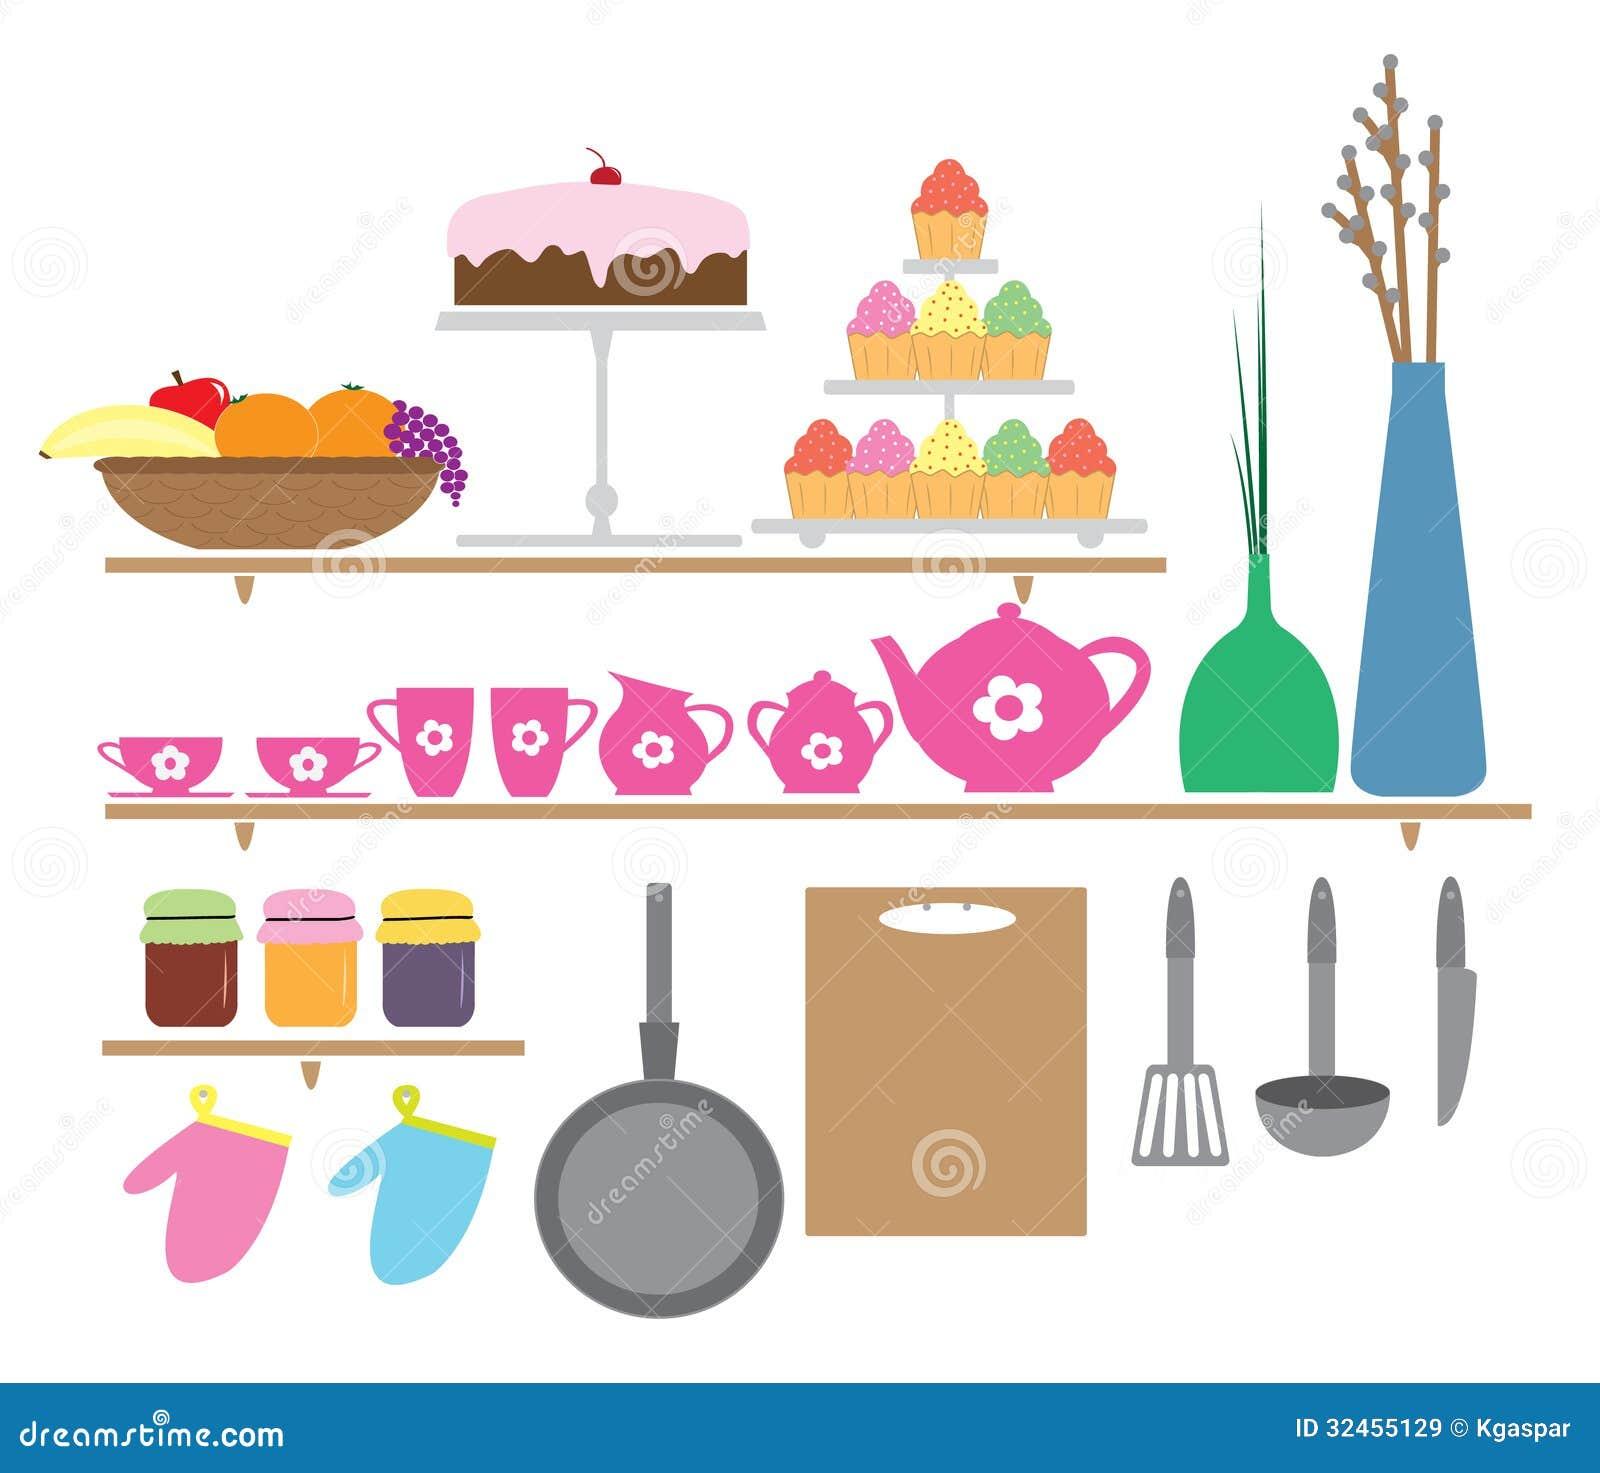 mure a ilustração da etiqueta de elementos da cozinha para crianças  #B31862 1300 1213